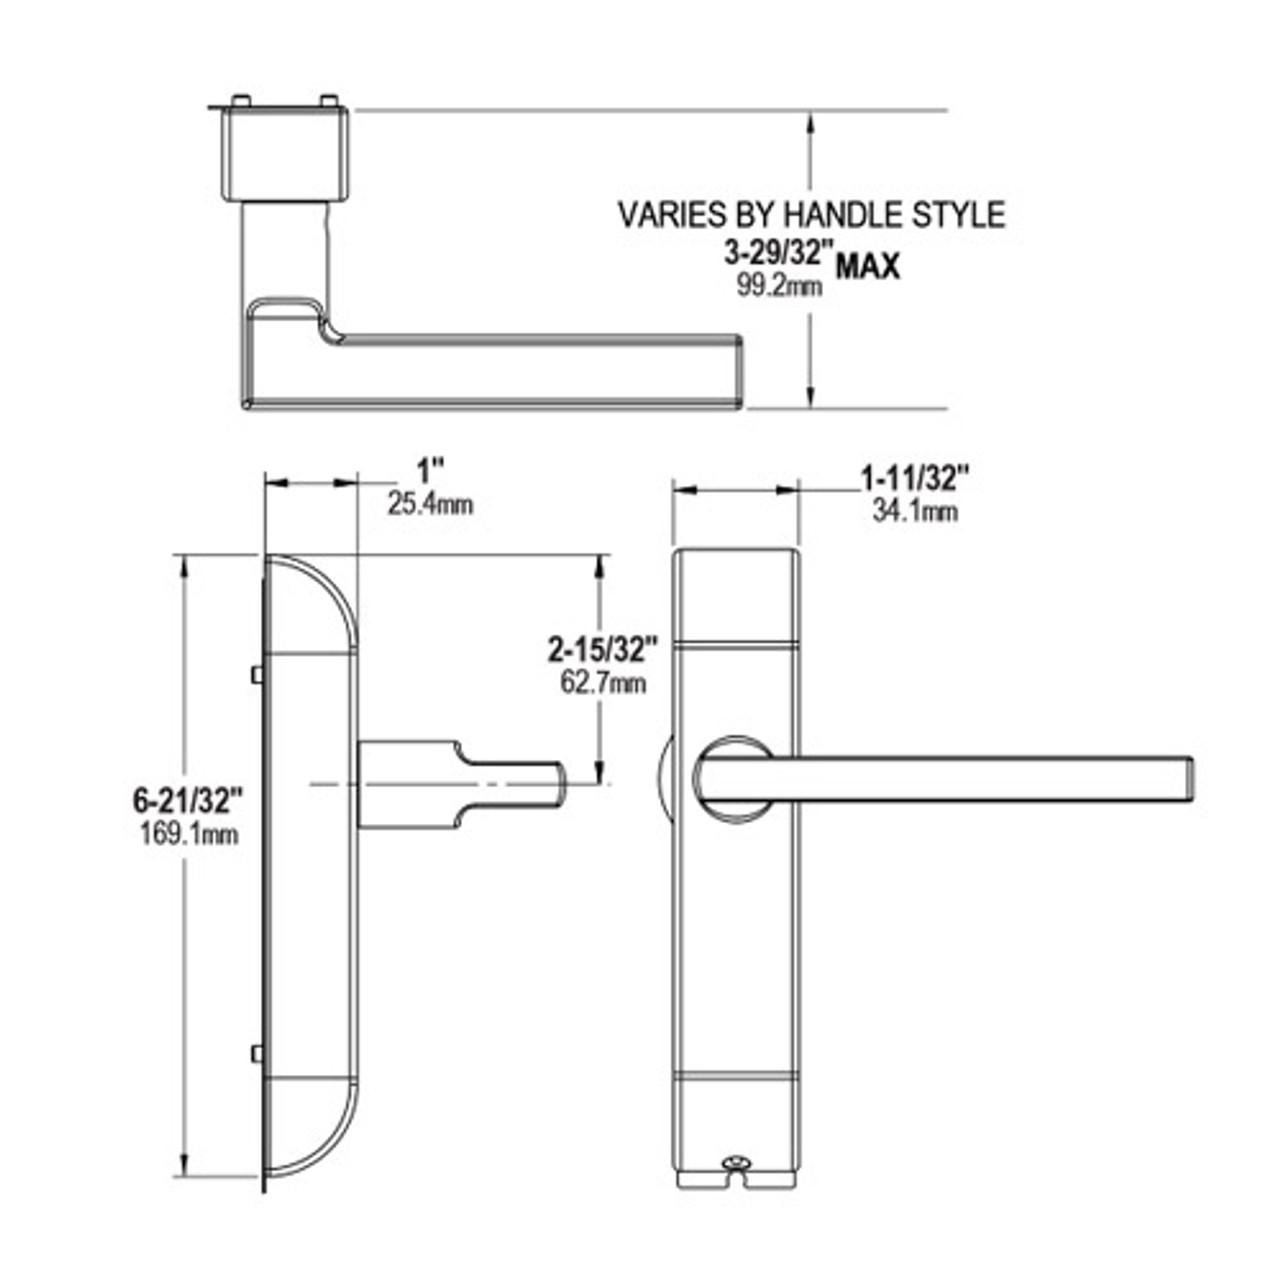 4600M-MJ-642-US10B Adams Rite MJ Designer handle Dimensional View